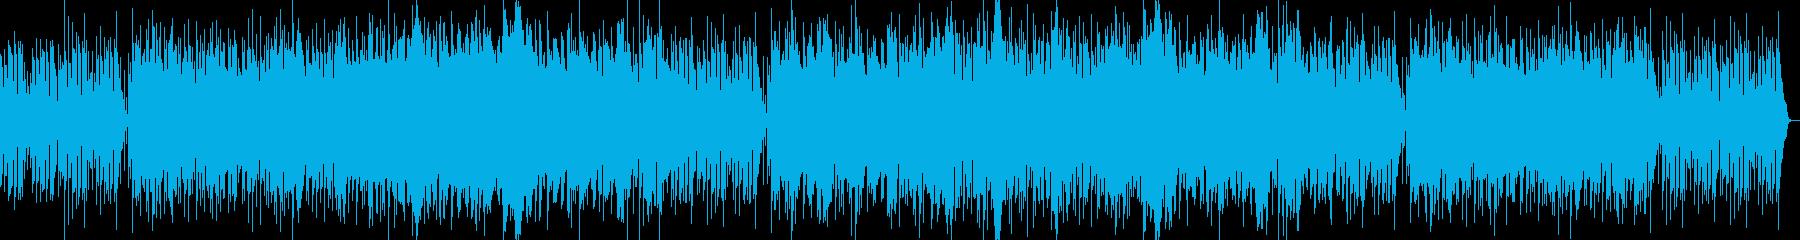 カフェラウンジをイメージしたボサノバの再生済みの波形